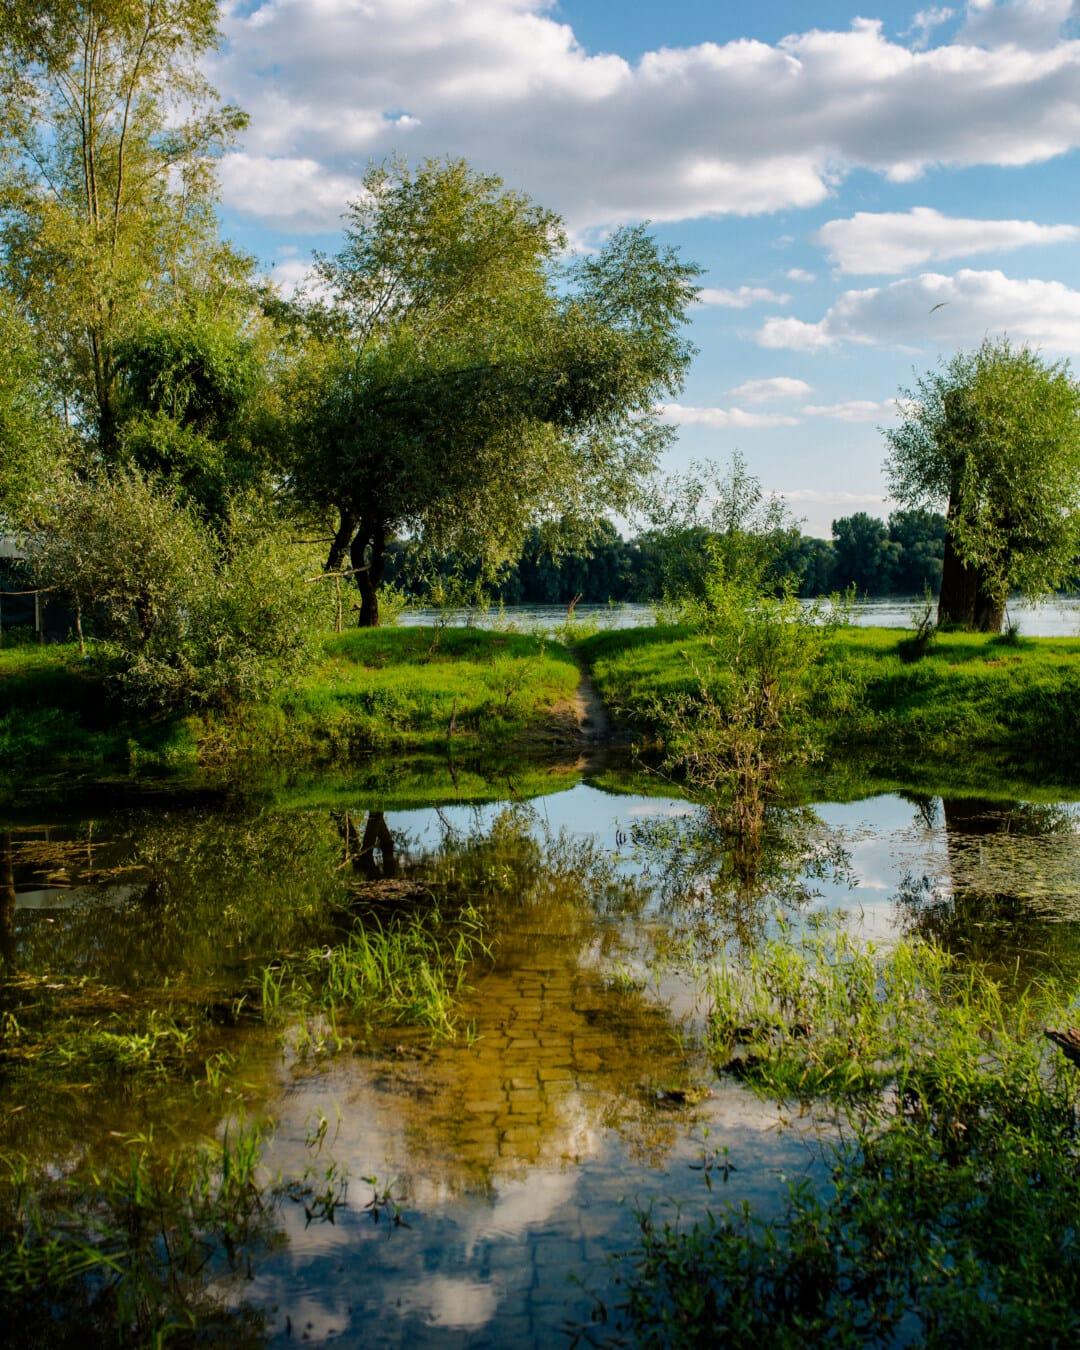 Lac, printemps, terrain marécageux, faune, nature sauvage, eau, réflexion, forêt, rivière, marais